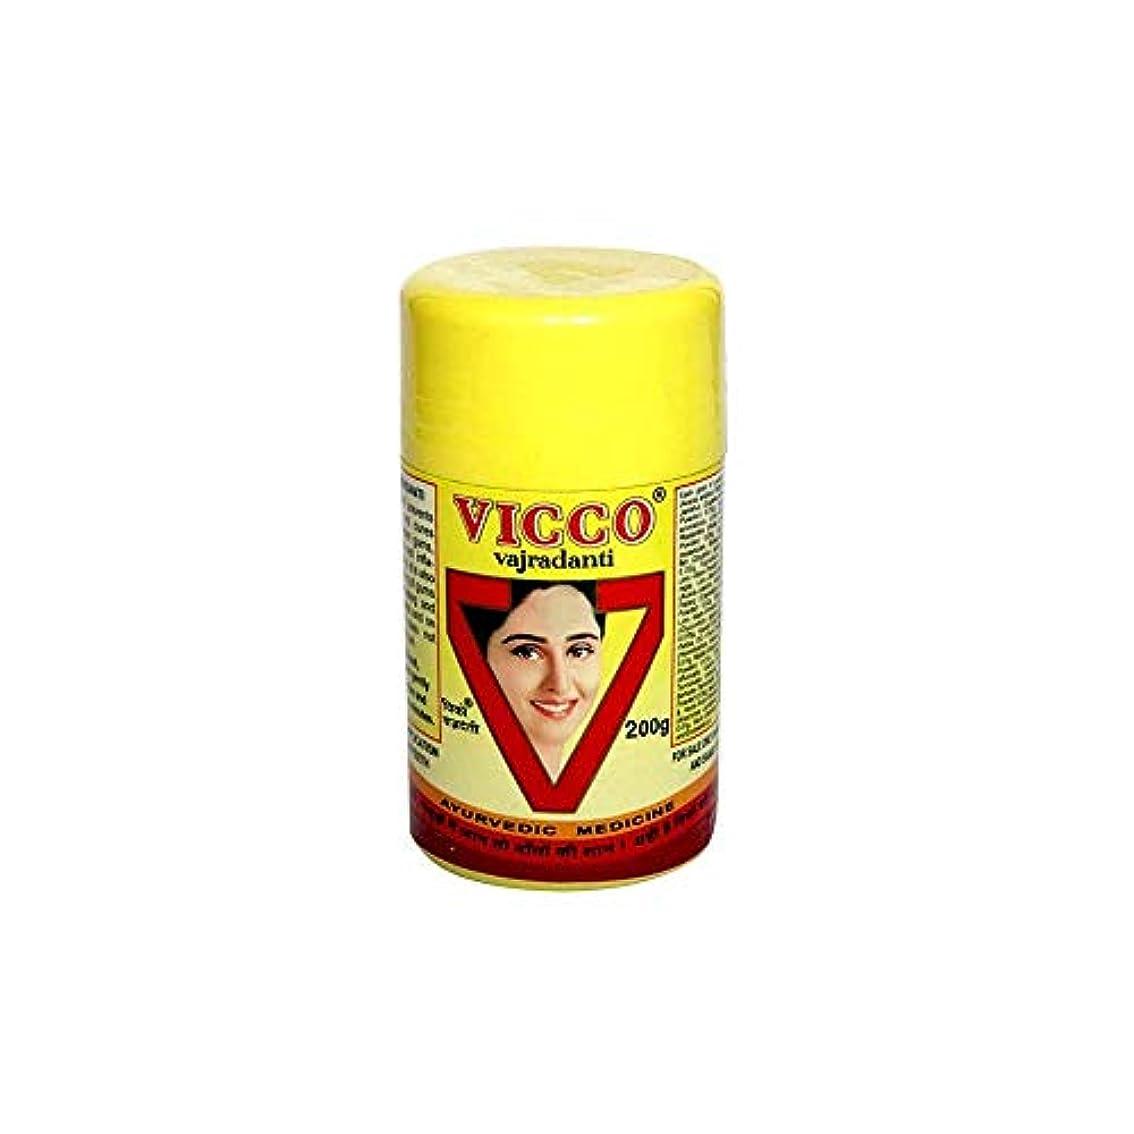 説明的方向礼儀Vicco Vajradanti Ayurvedic Herbal Tooth Powder 200g Prevents Tooth Decay Cures by Vicco Lab